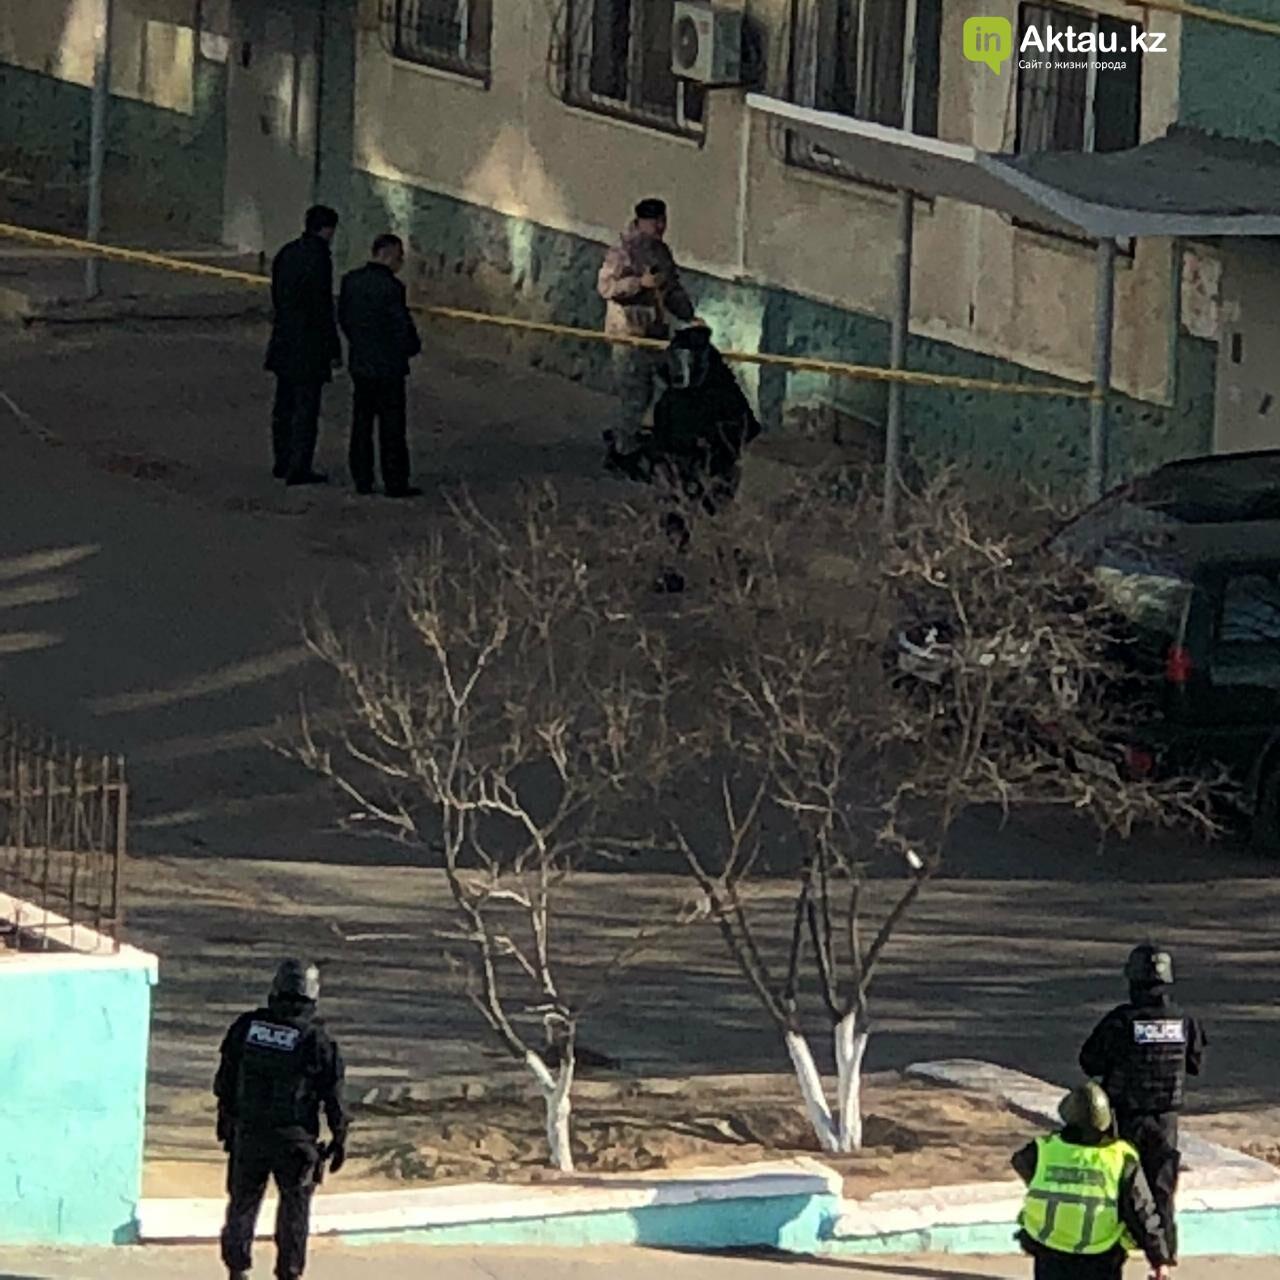 Черный чемодан встревожил жильцов пятиэтажки в Актау, фото-3